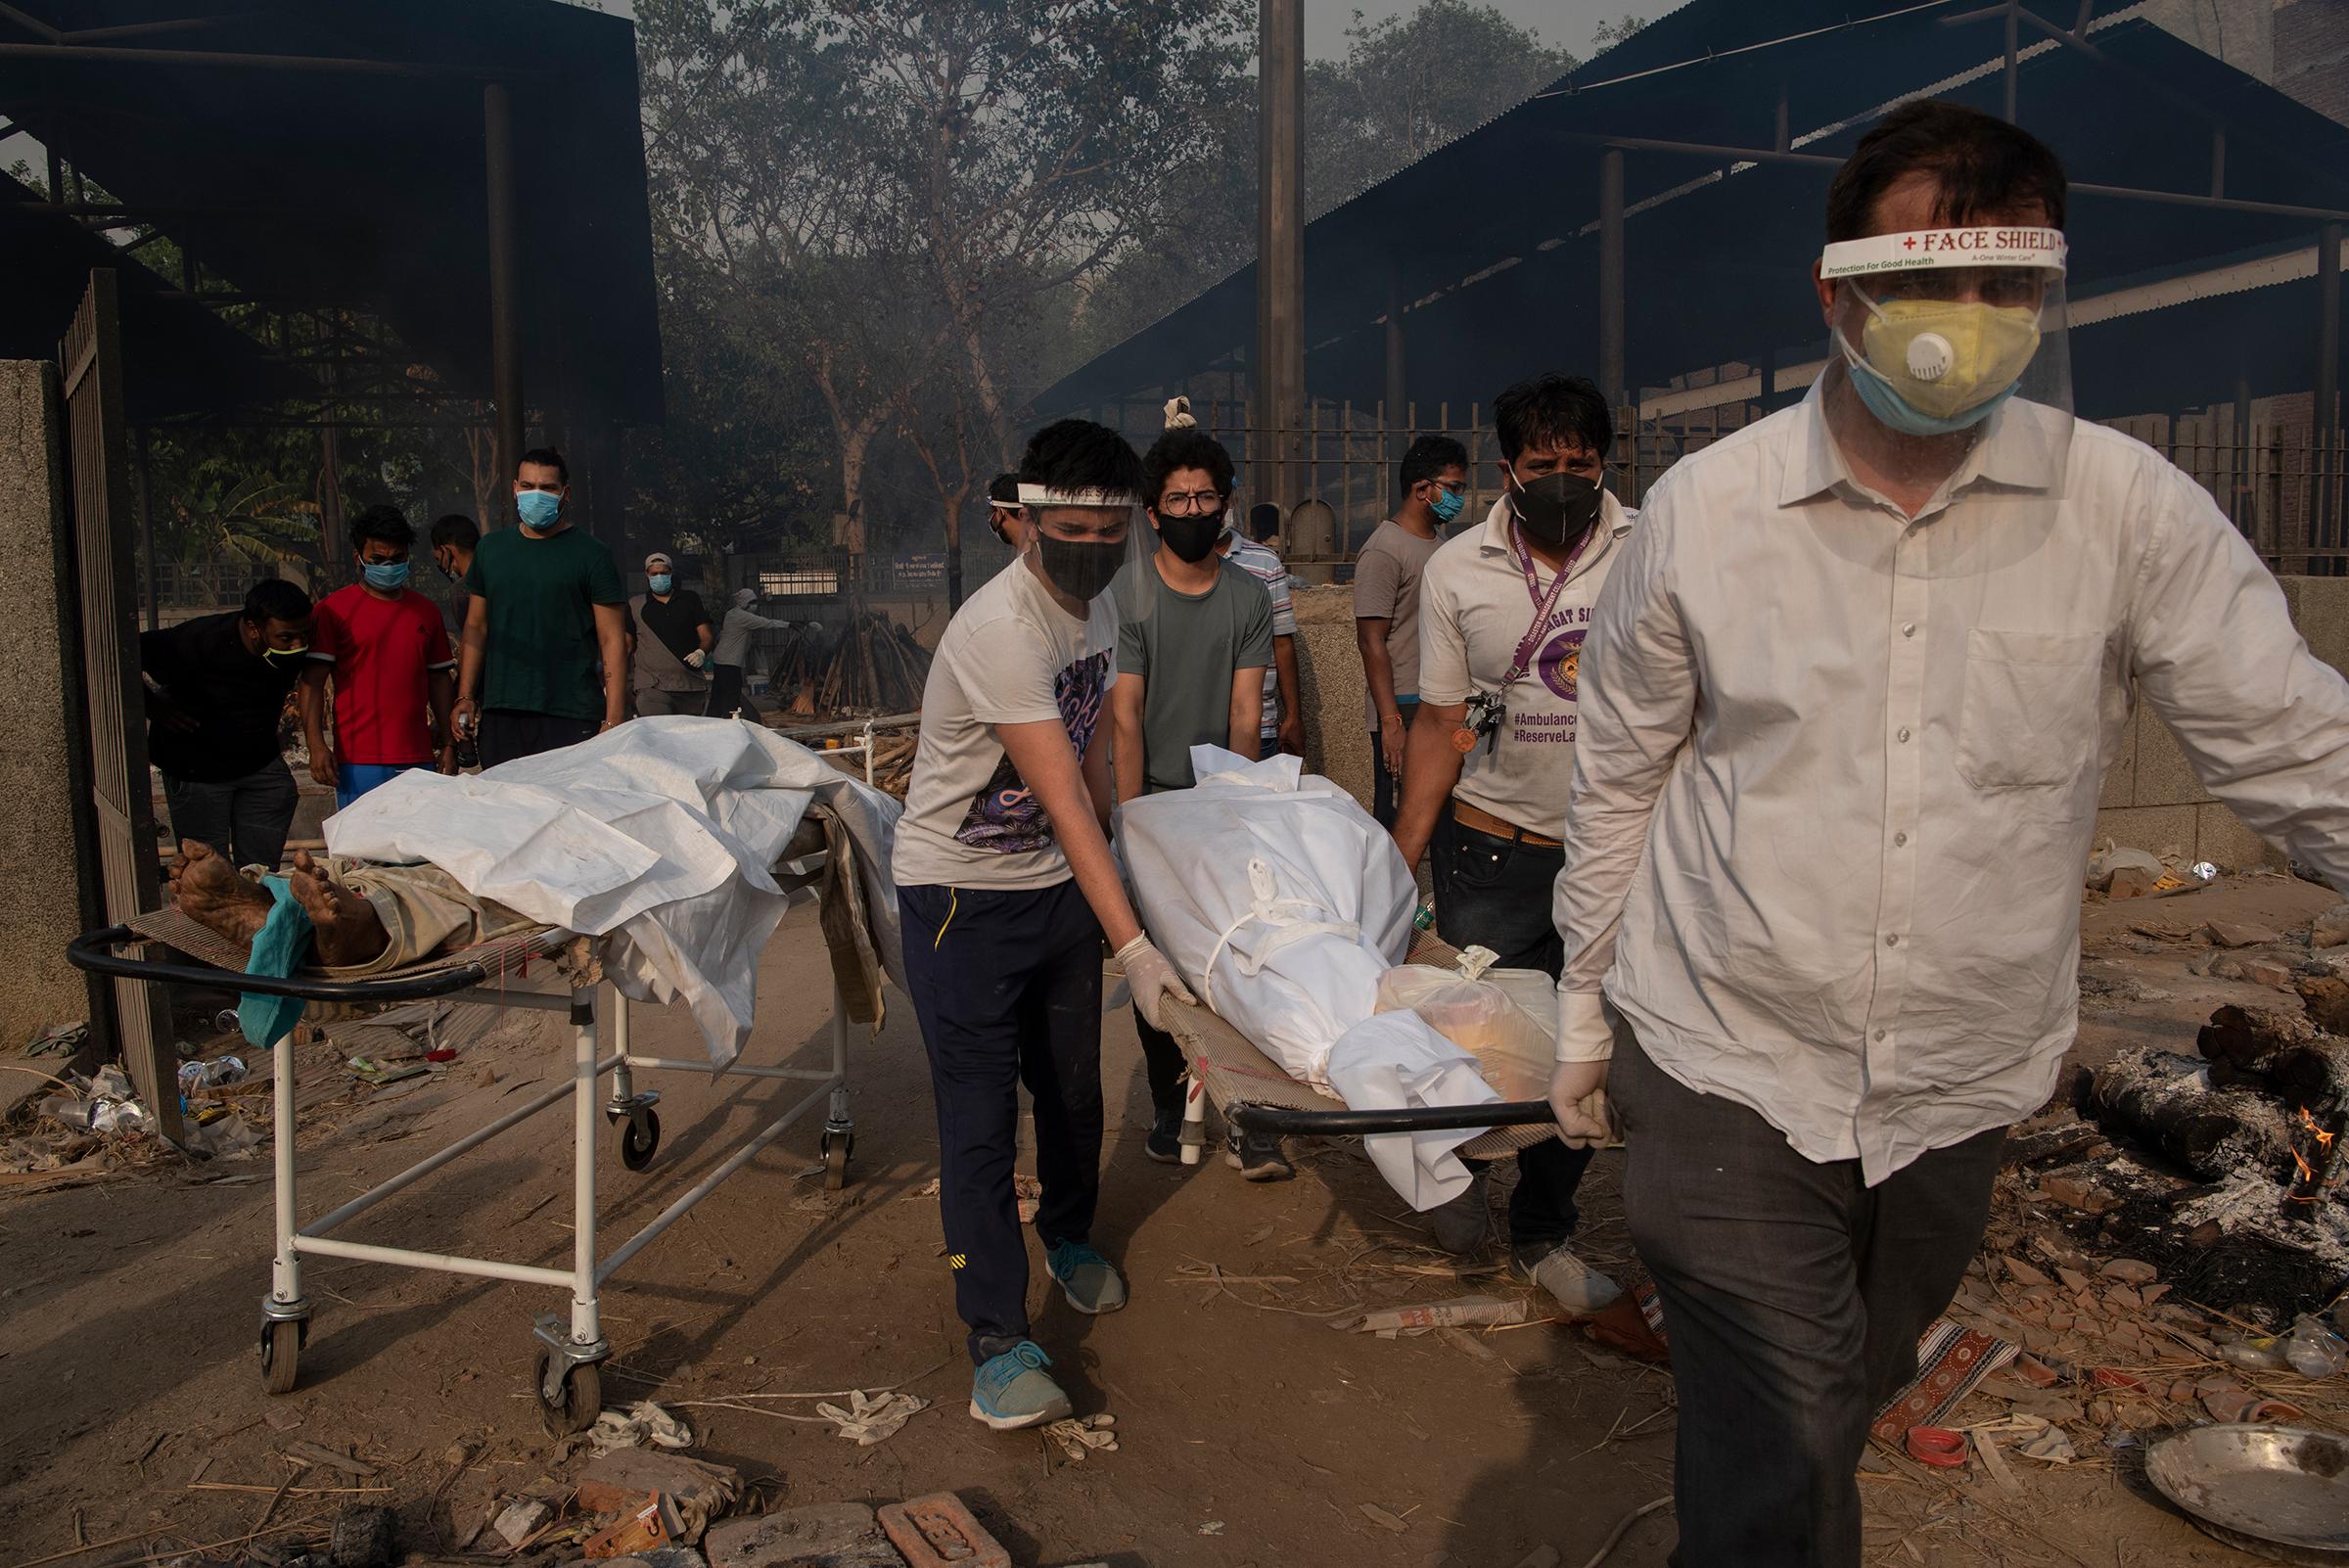 India's coronavirus caseload hits 20 million